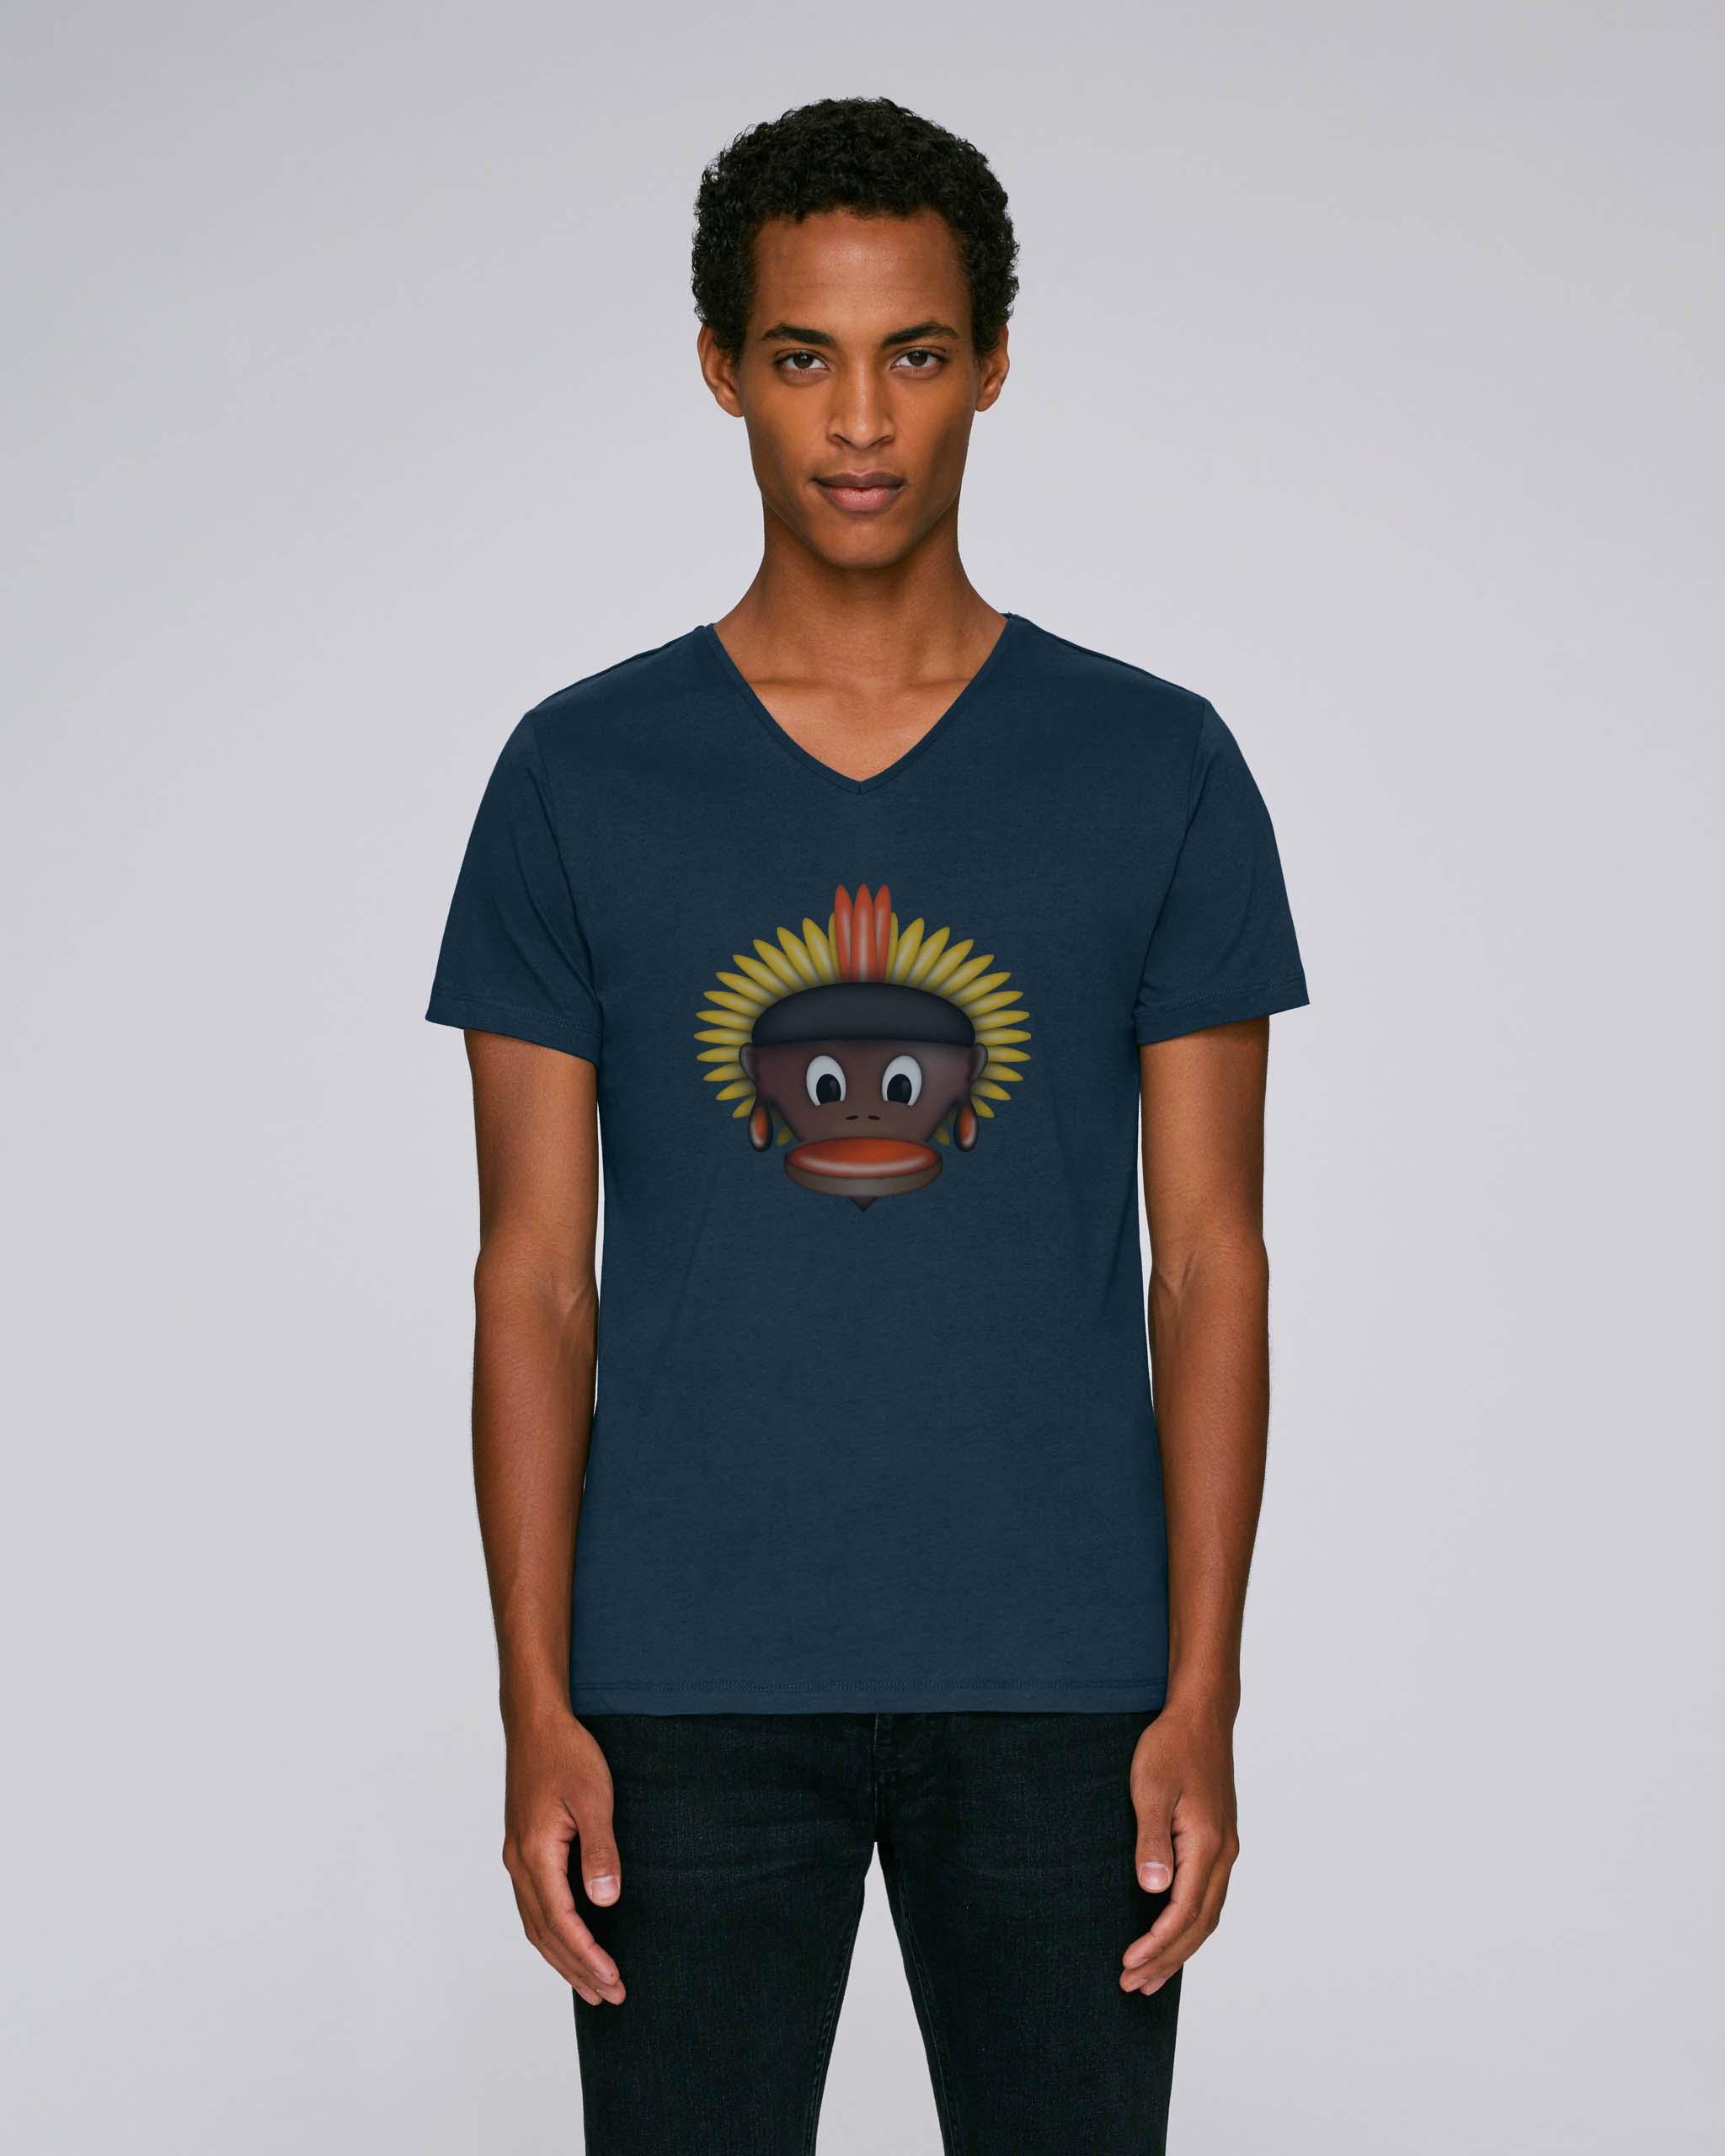 T-Shirt Bio marine Homme - Tribe tee